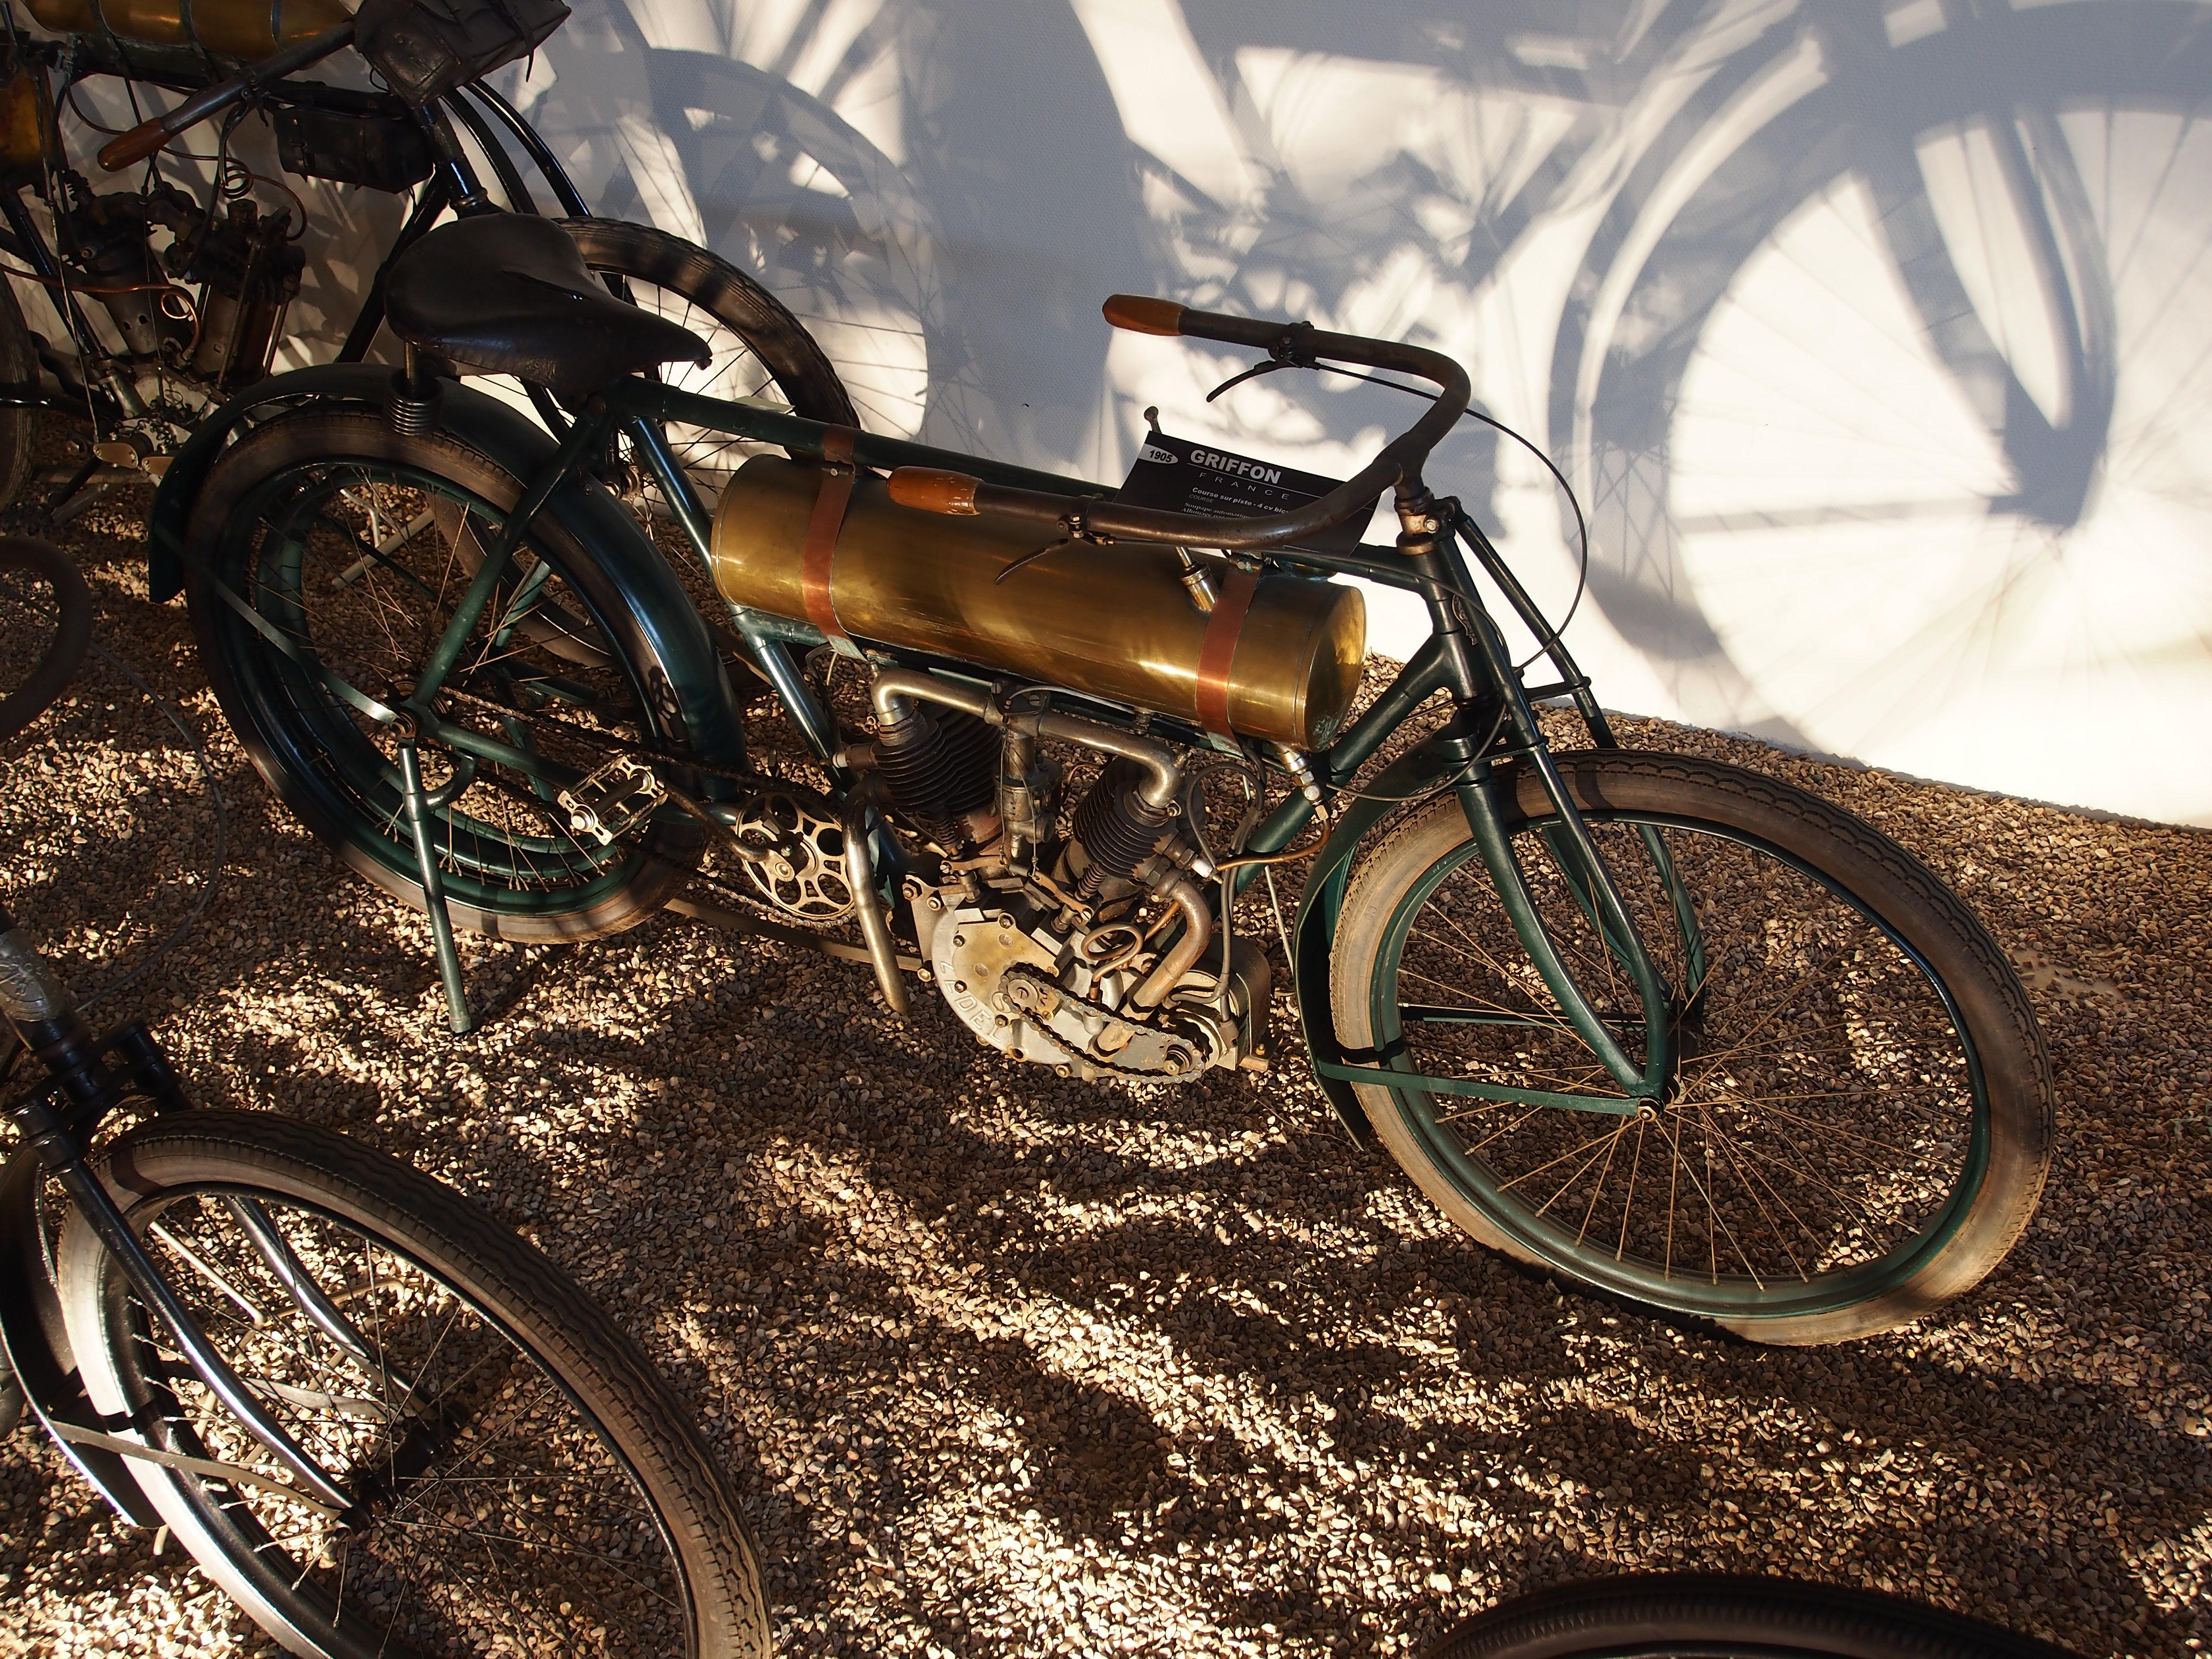 file 1905 griffon  course sur piste  4cv  mus u00e9e de la moto et du v u00e9lo  amneville  france  pic